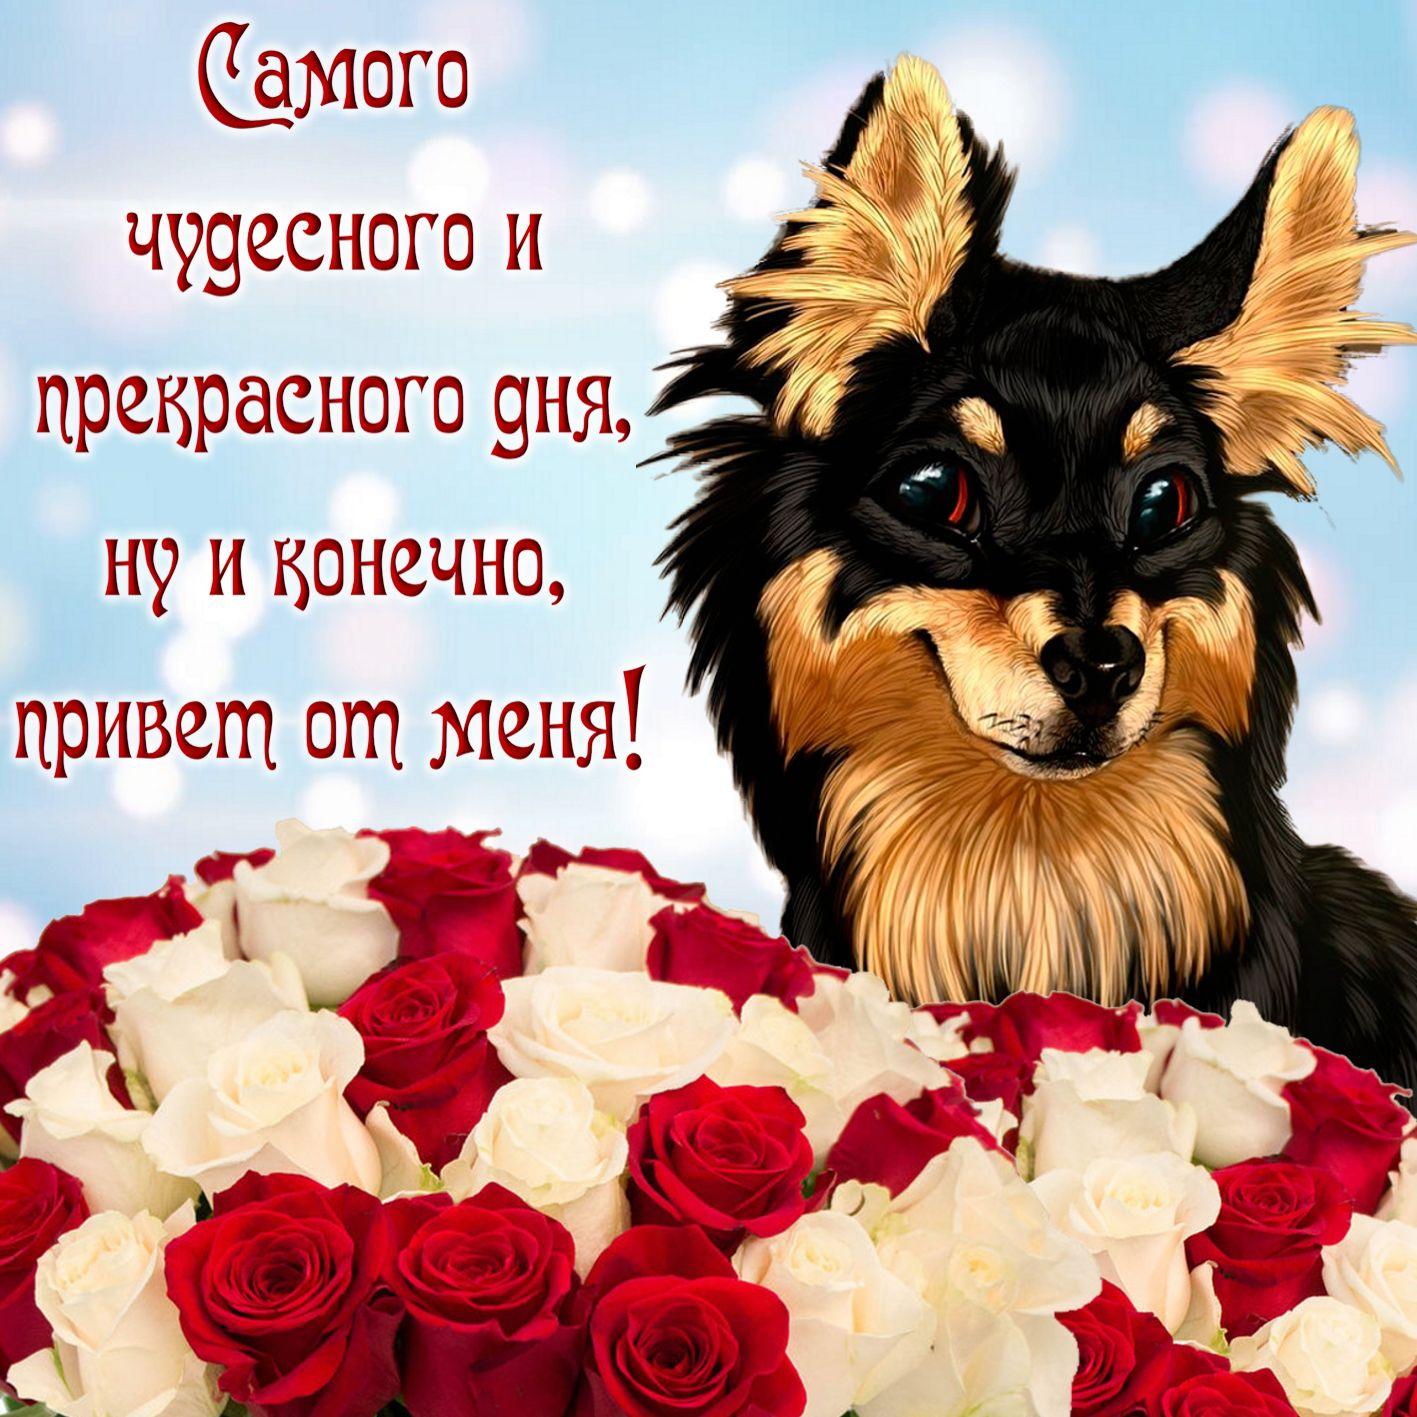 Милая собачка желает чудесного дня